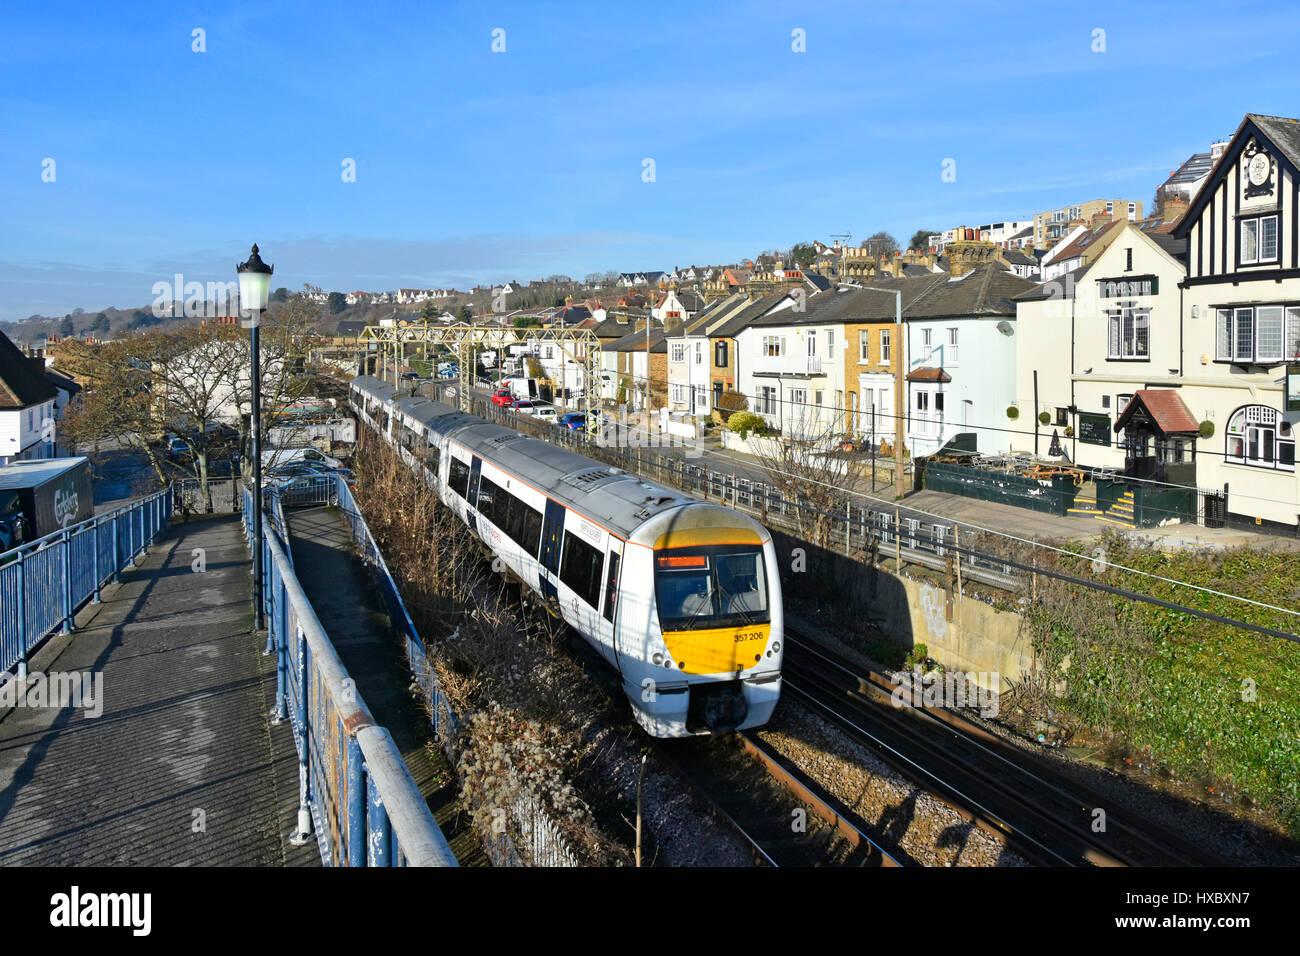 Trenitalia c2c avec marquages National Express train passant près de maisons dans la rue résidentielle Photo Stock